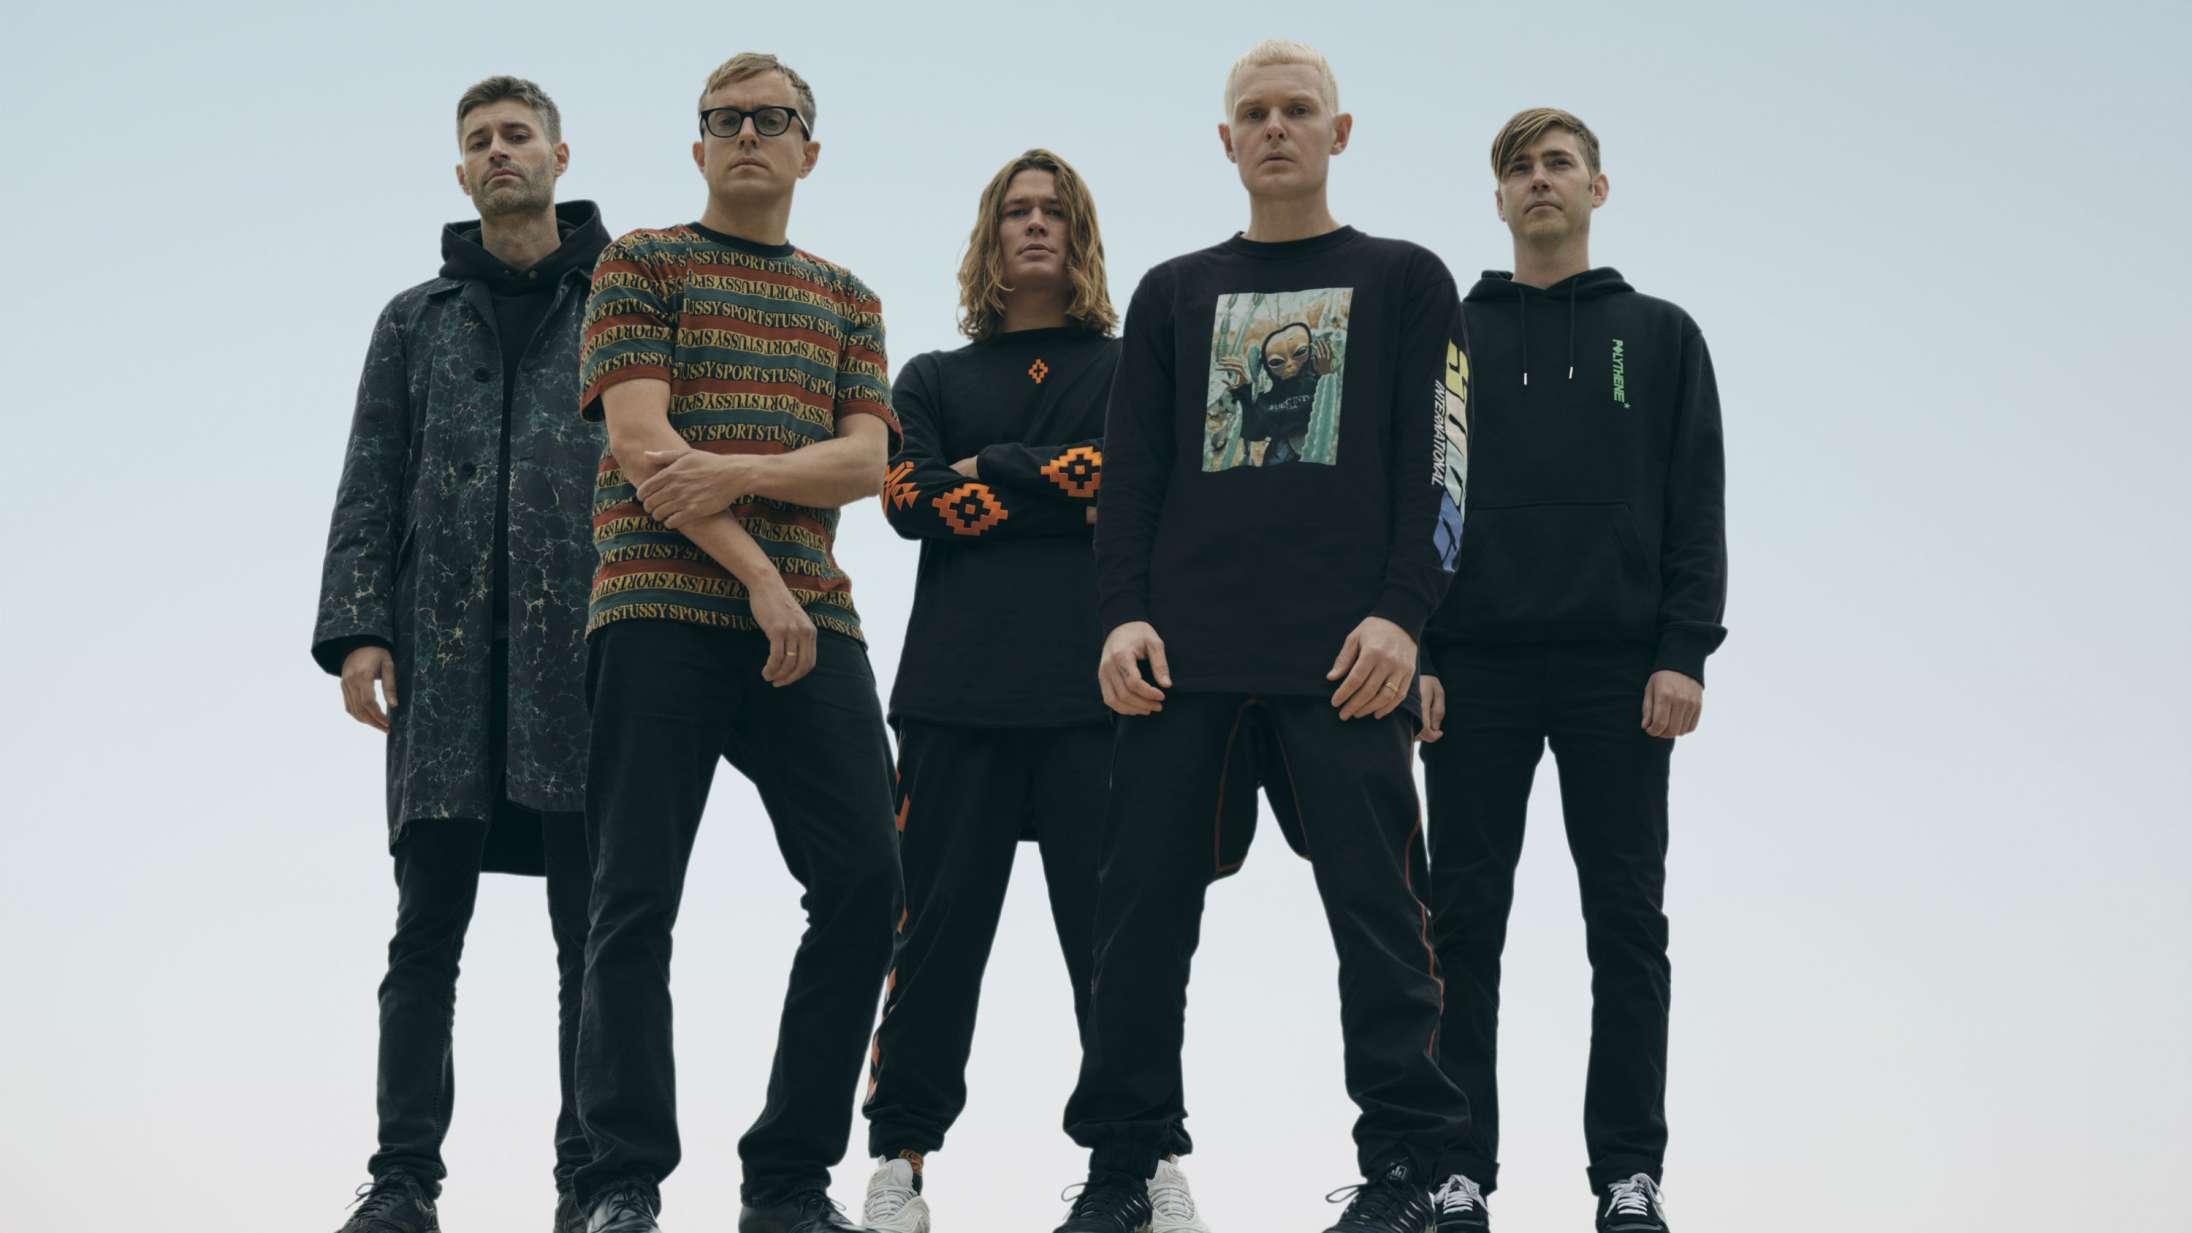 Vinderne kåret ved Danish Music Awards – The Minds of 99, Kesi og Lukas Graham hiver priser hjem